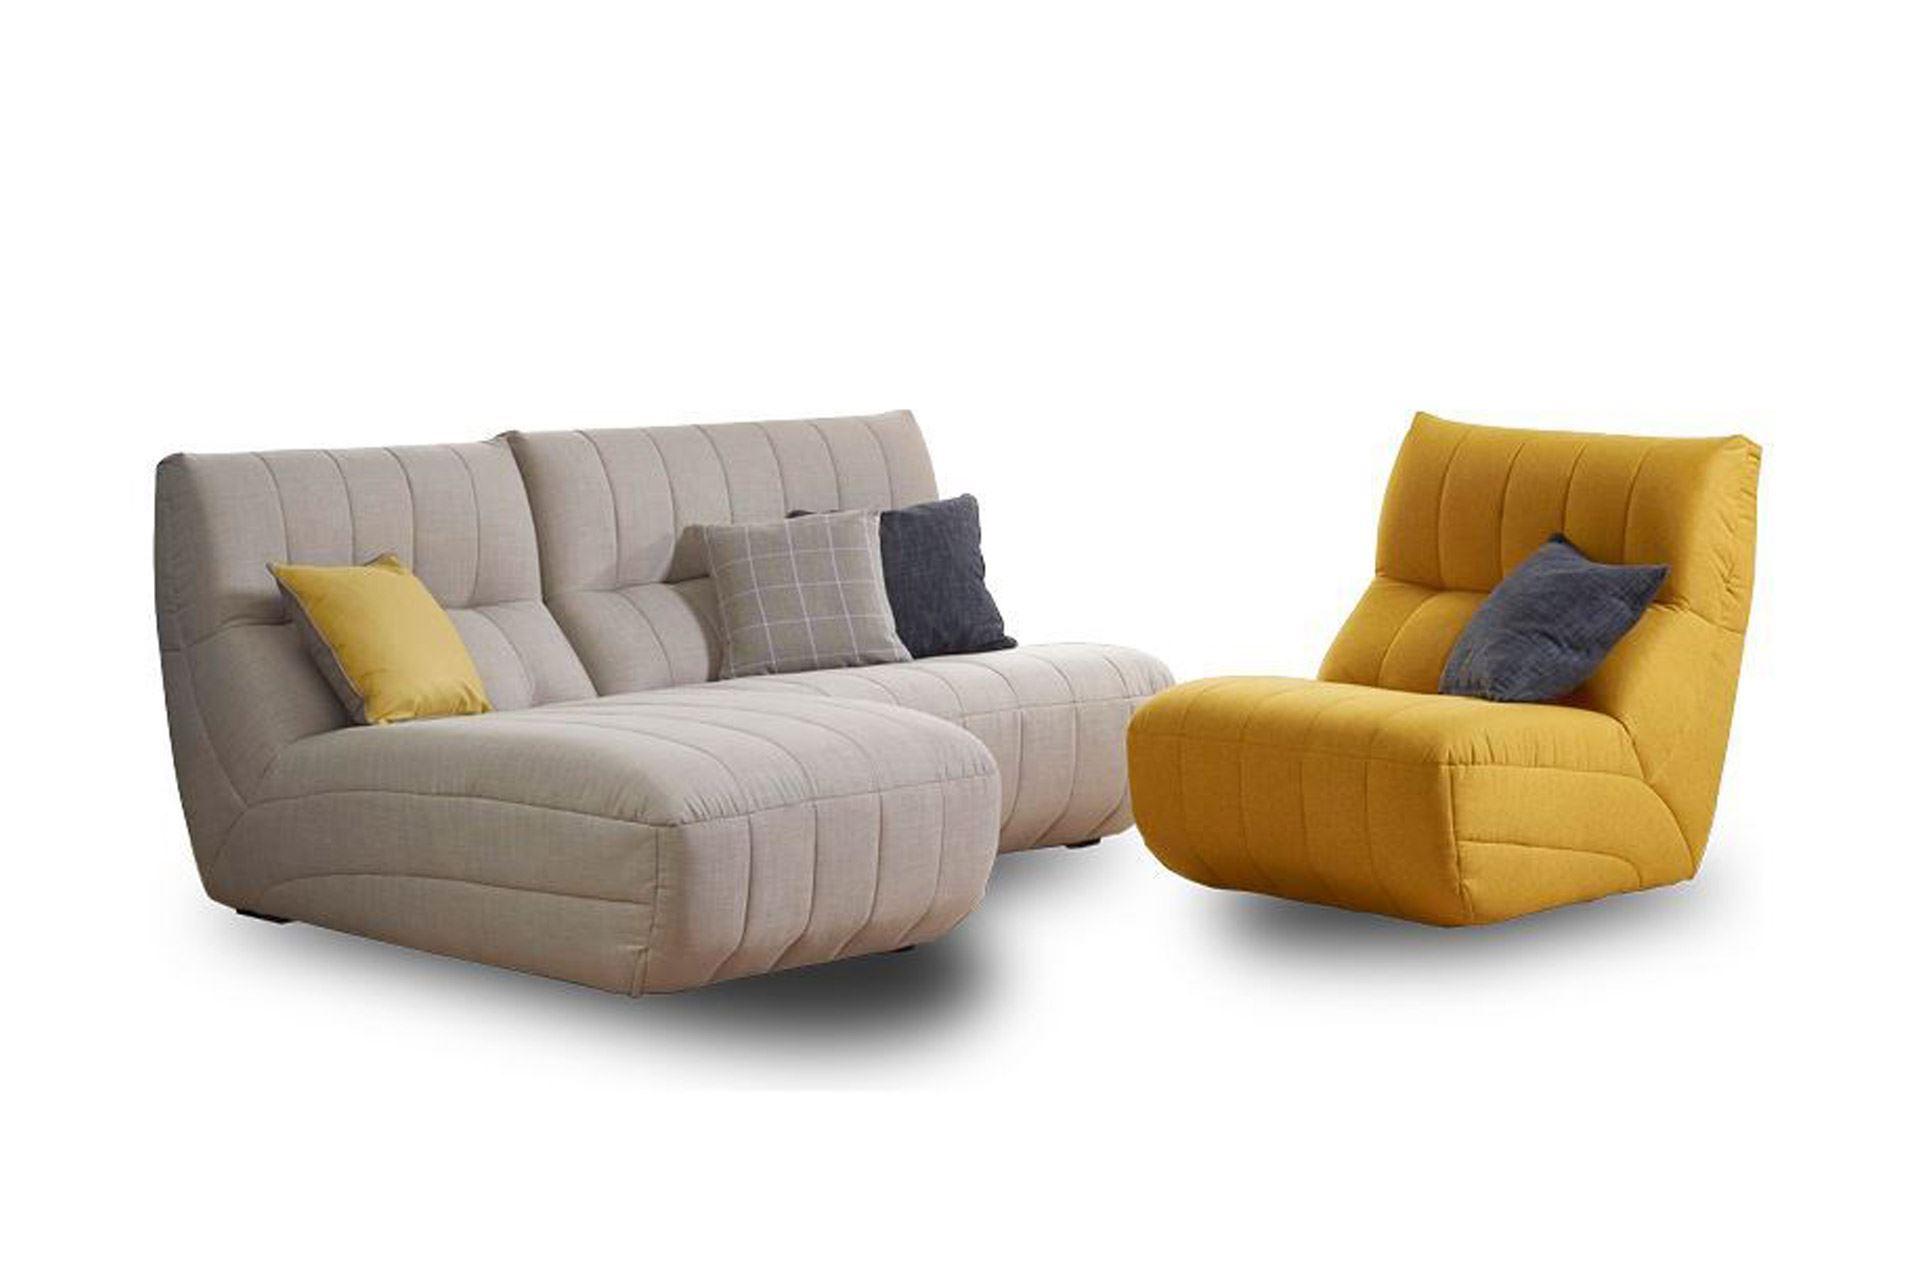 Sofa Modular Rldj Cali Modular sofa Set From sofas and Sleep